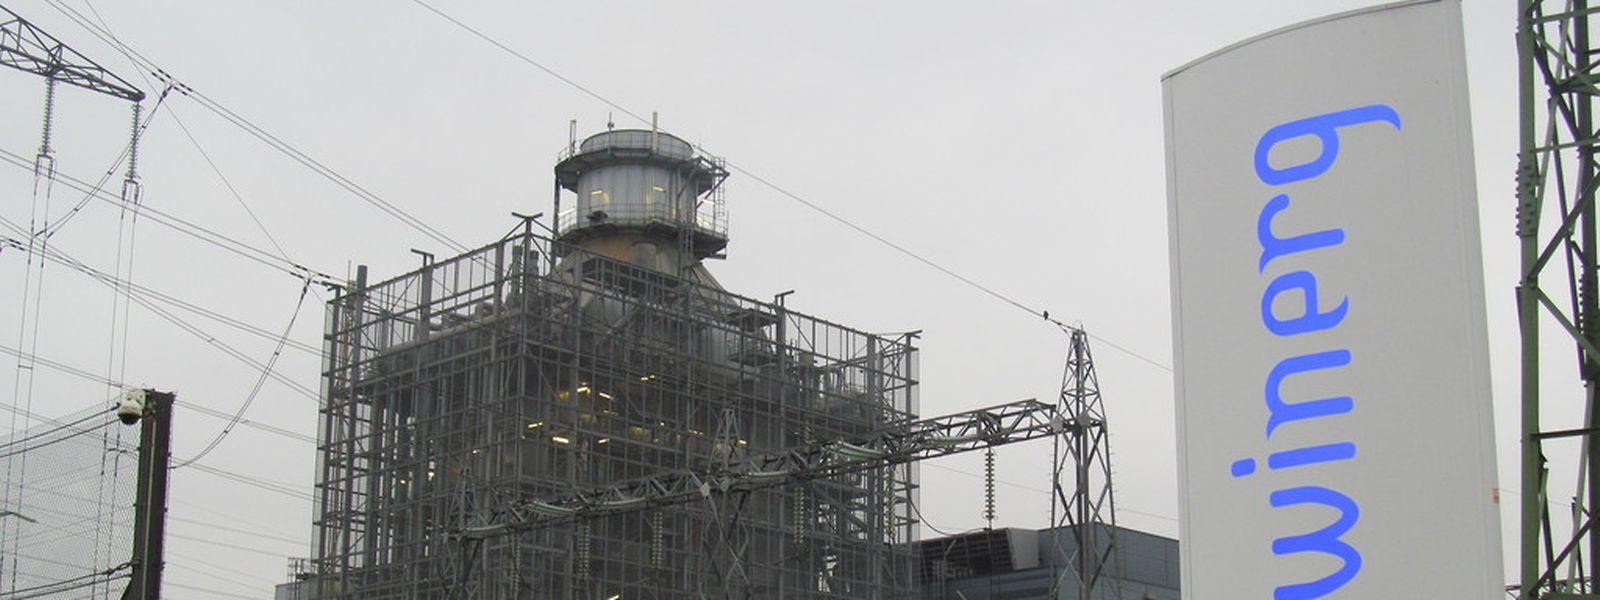 Das Gas- und Dampfturbinenkraftwerk Twinerg in Esch.